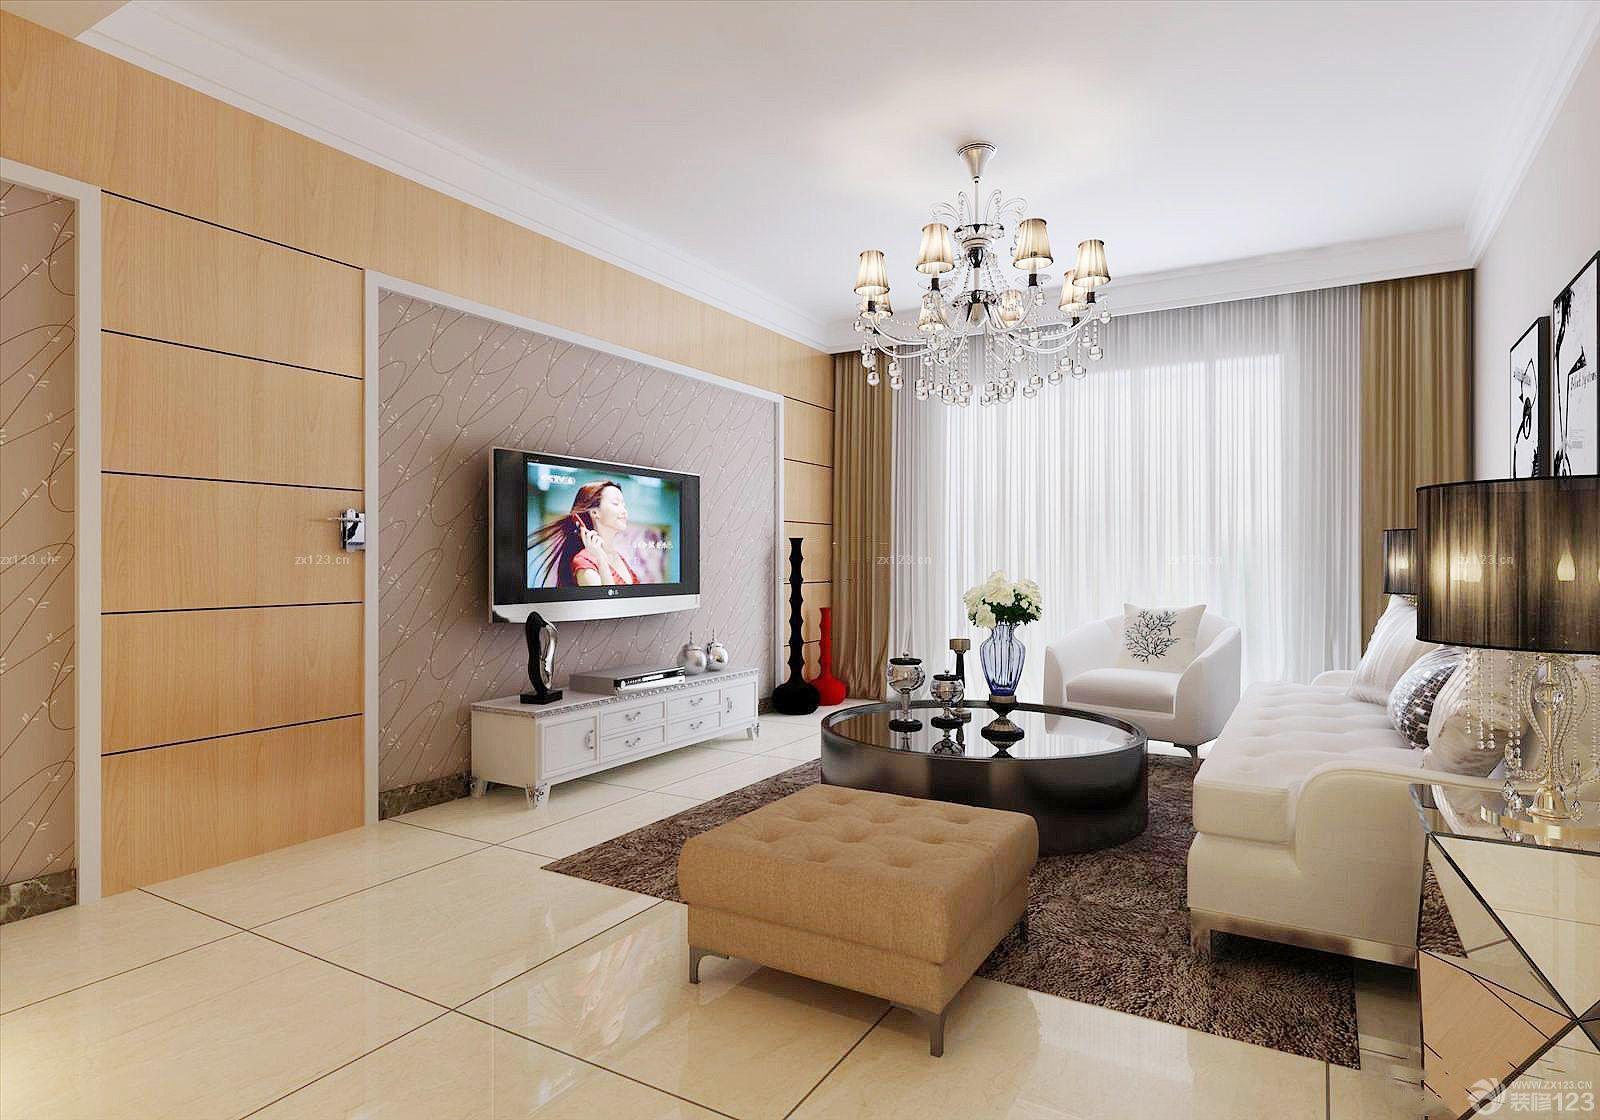 农村普通房子客厅电视墙有门装修效果图大全